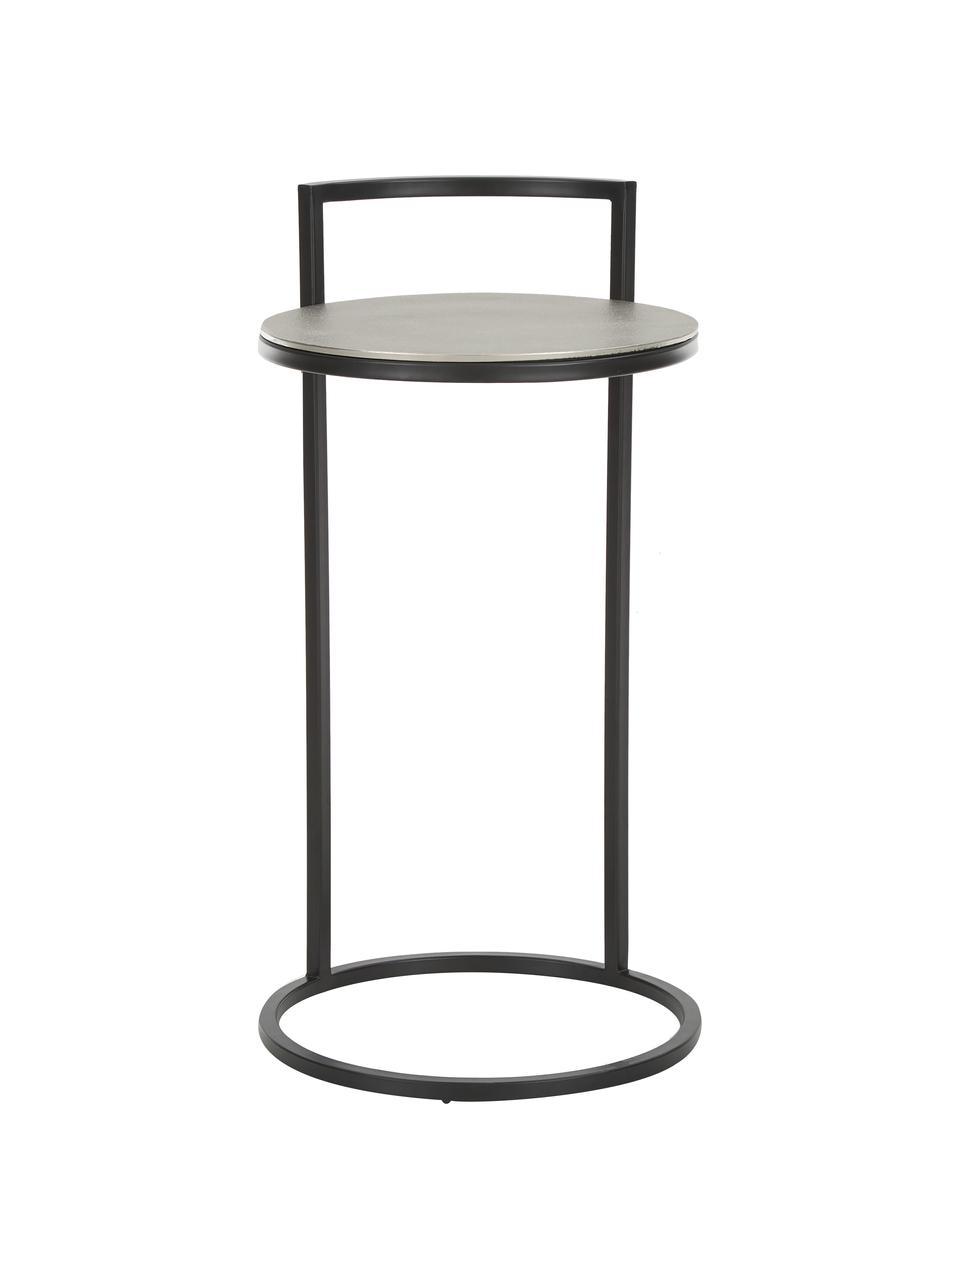 Okrągły stolik pomocniczy z metalu Circle, Blat: metal powlekany, Nogi: metal lakierowany, Srebrny, czarny, Ø 35 x W 66 cm